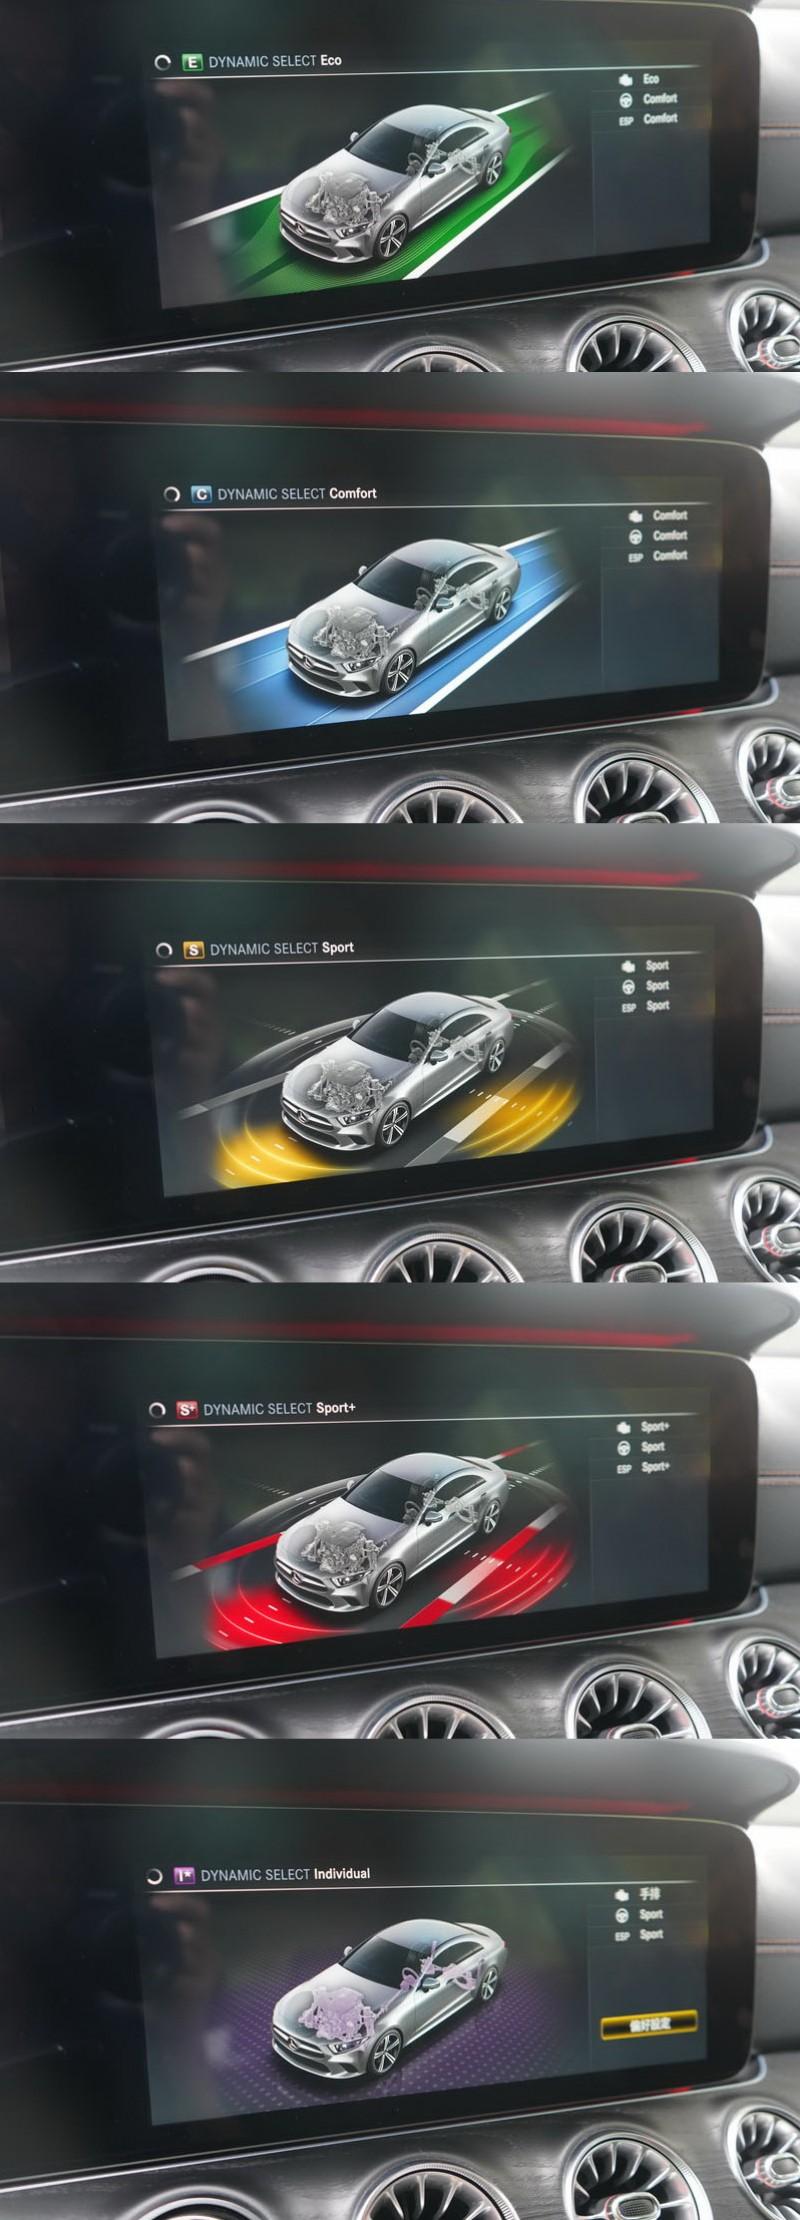 五種駕駛模式可提供不同的駕馭調性